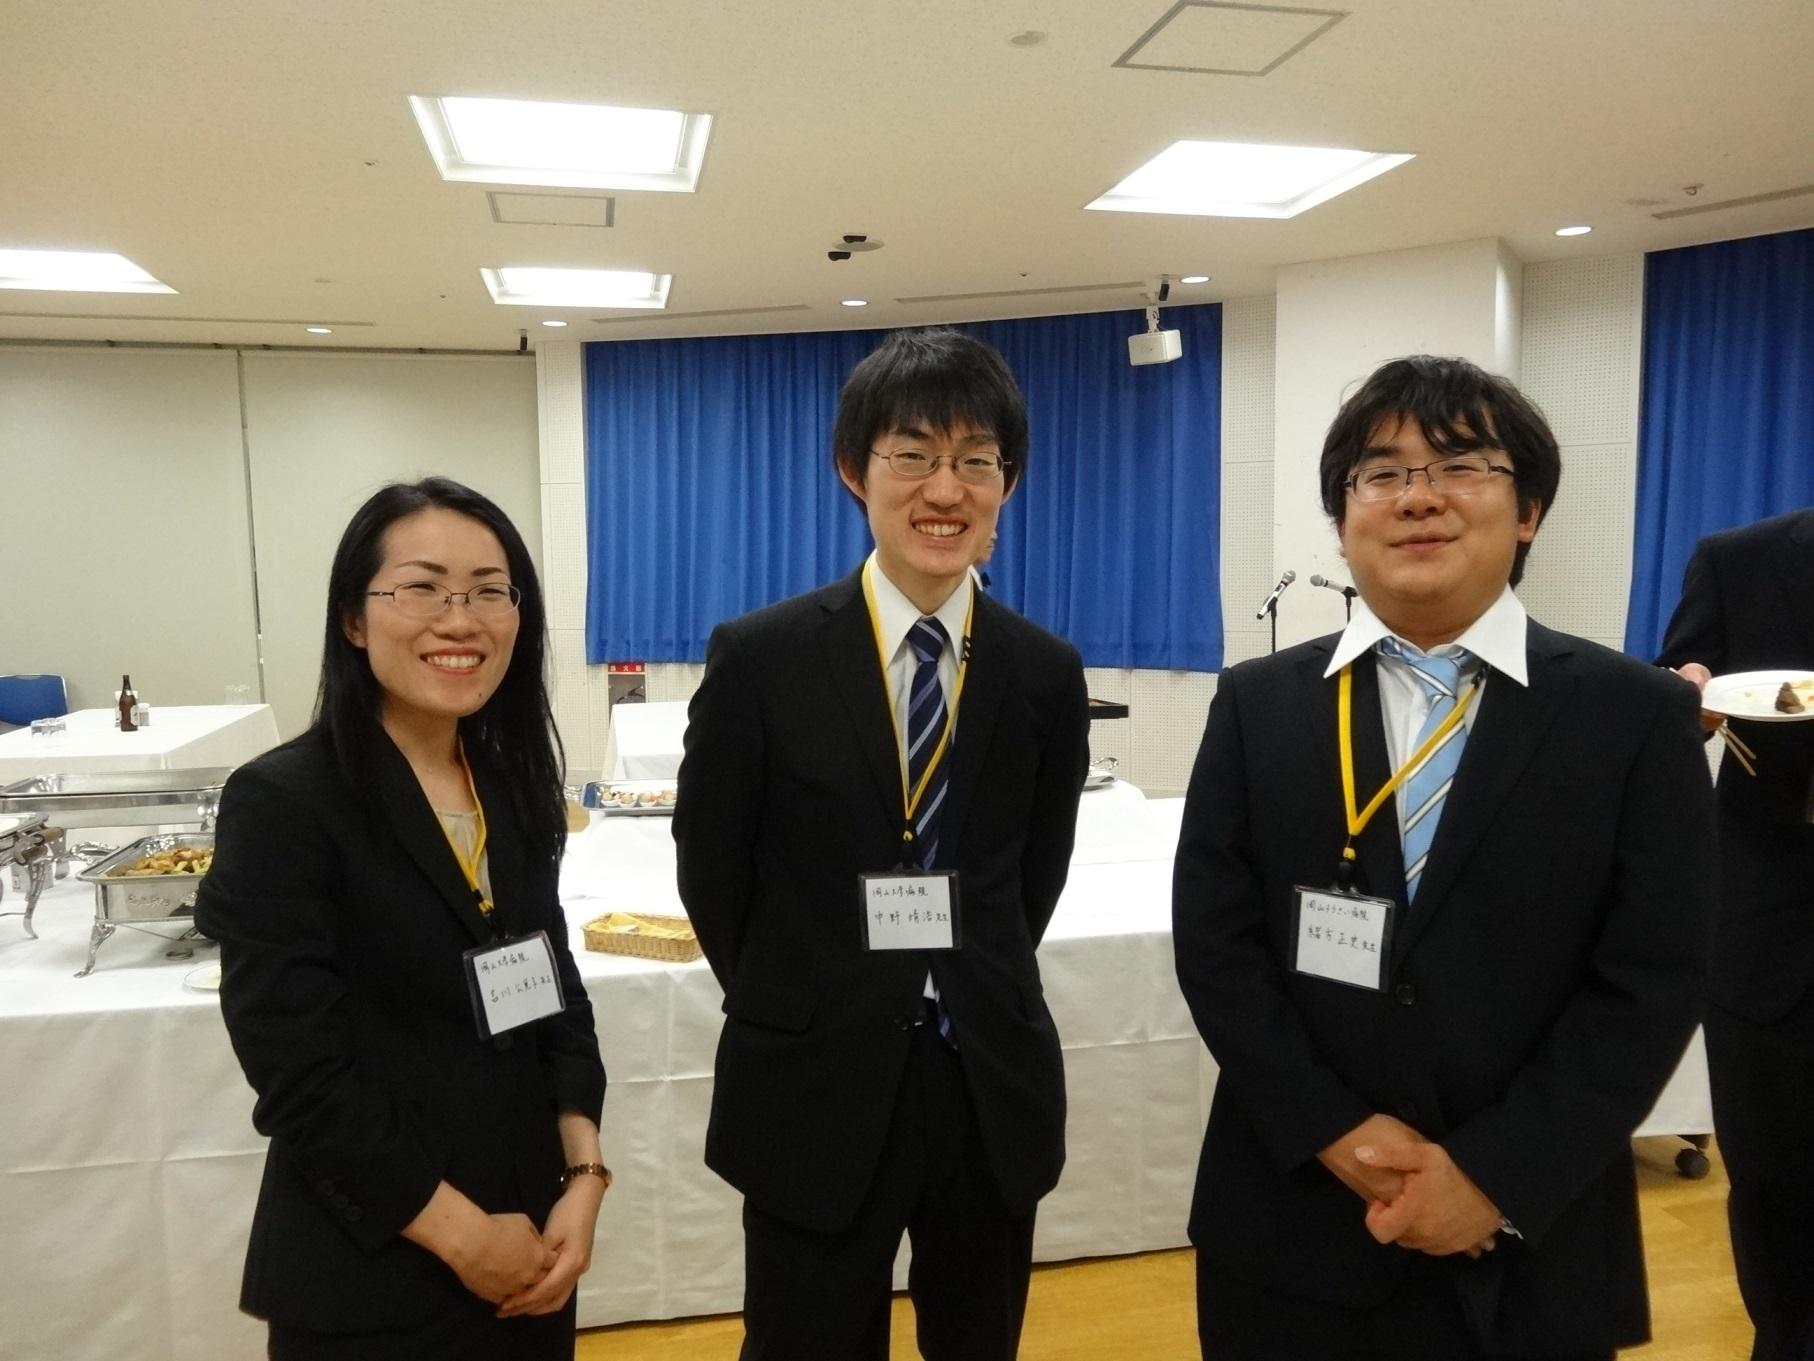 内科レジデントカンファレンス2015 in OKAYAMA (情報交換会3)